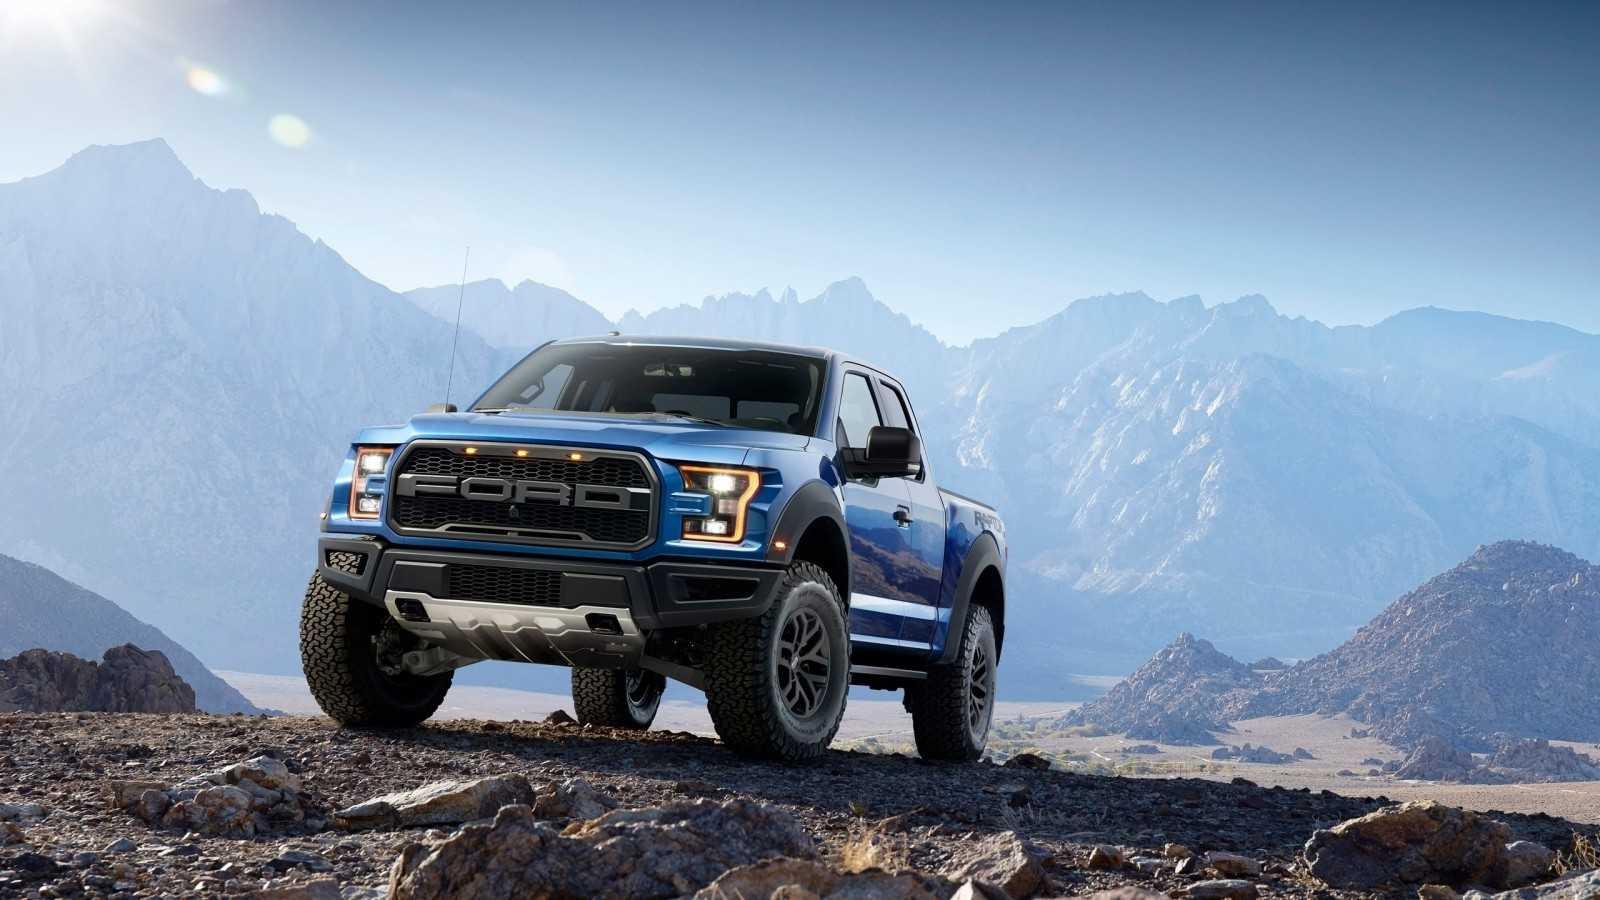 Ảnh Thực Tế Các Màu Của Ford Ranger Raptor 2